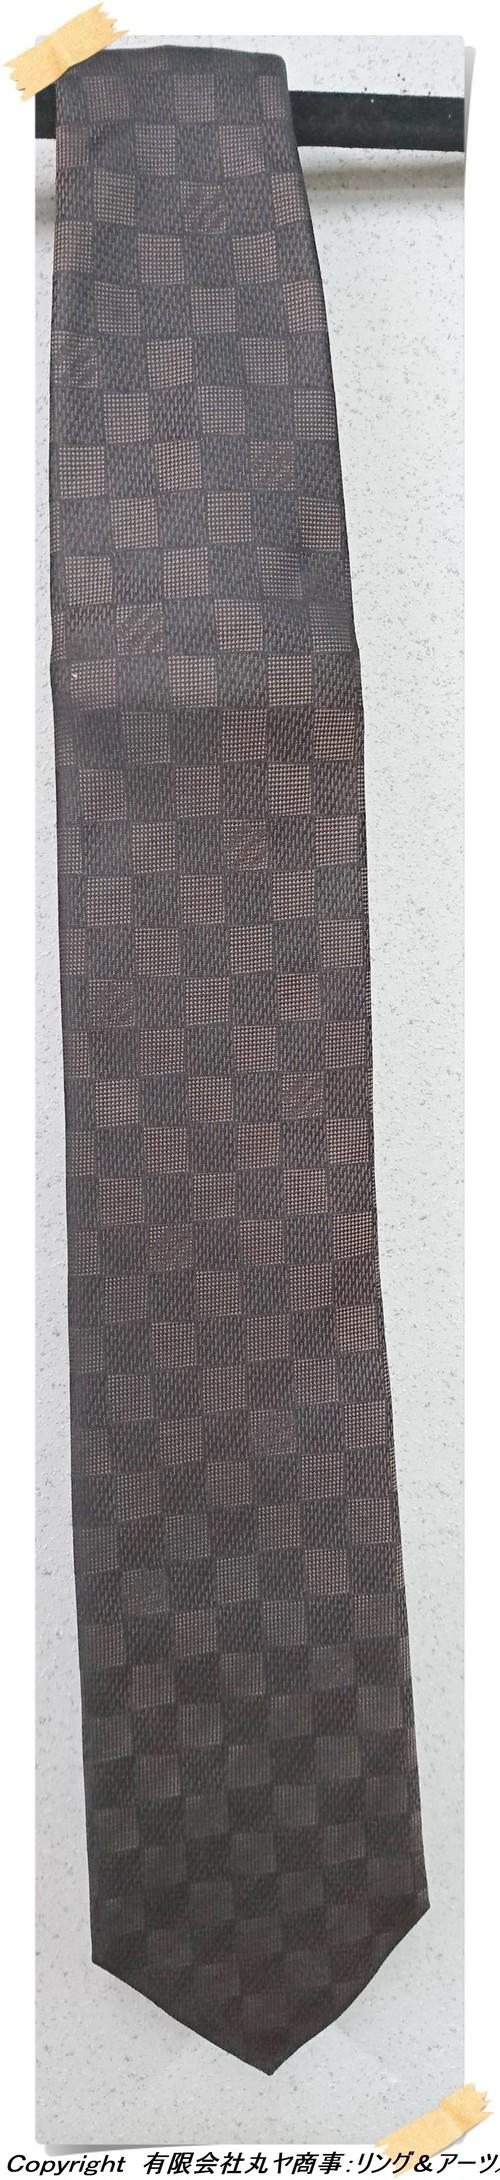 ルイ・ヴィトン:クラヴァット・ダミエ クラシック8cm (エベヌ)/M74138